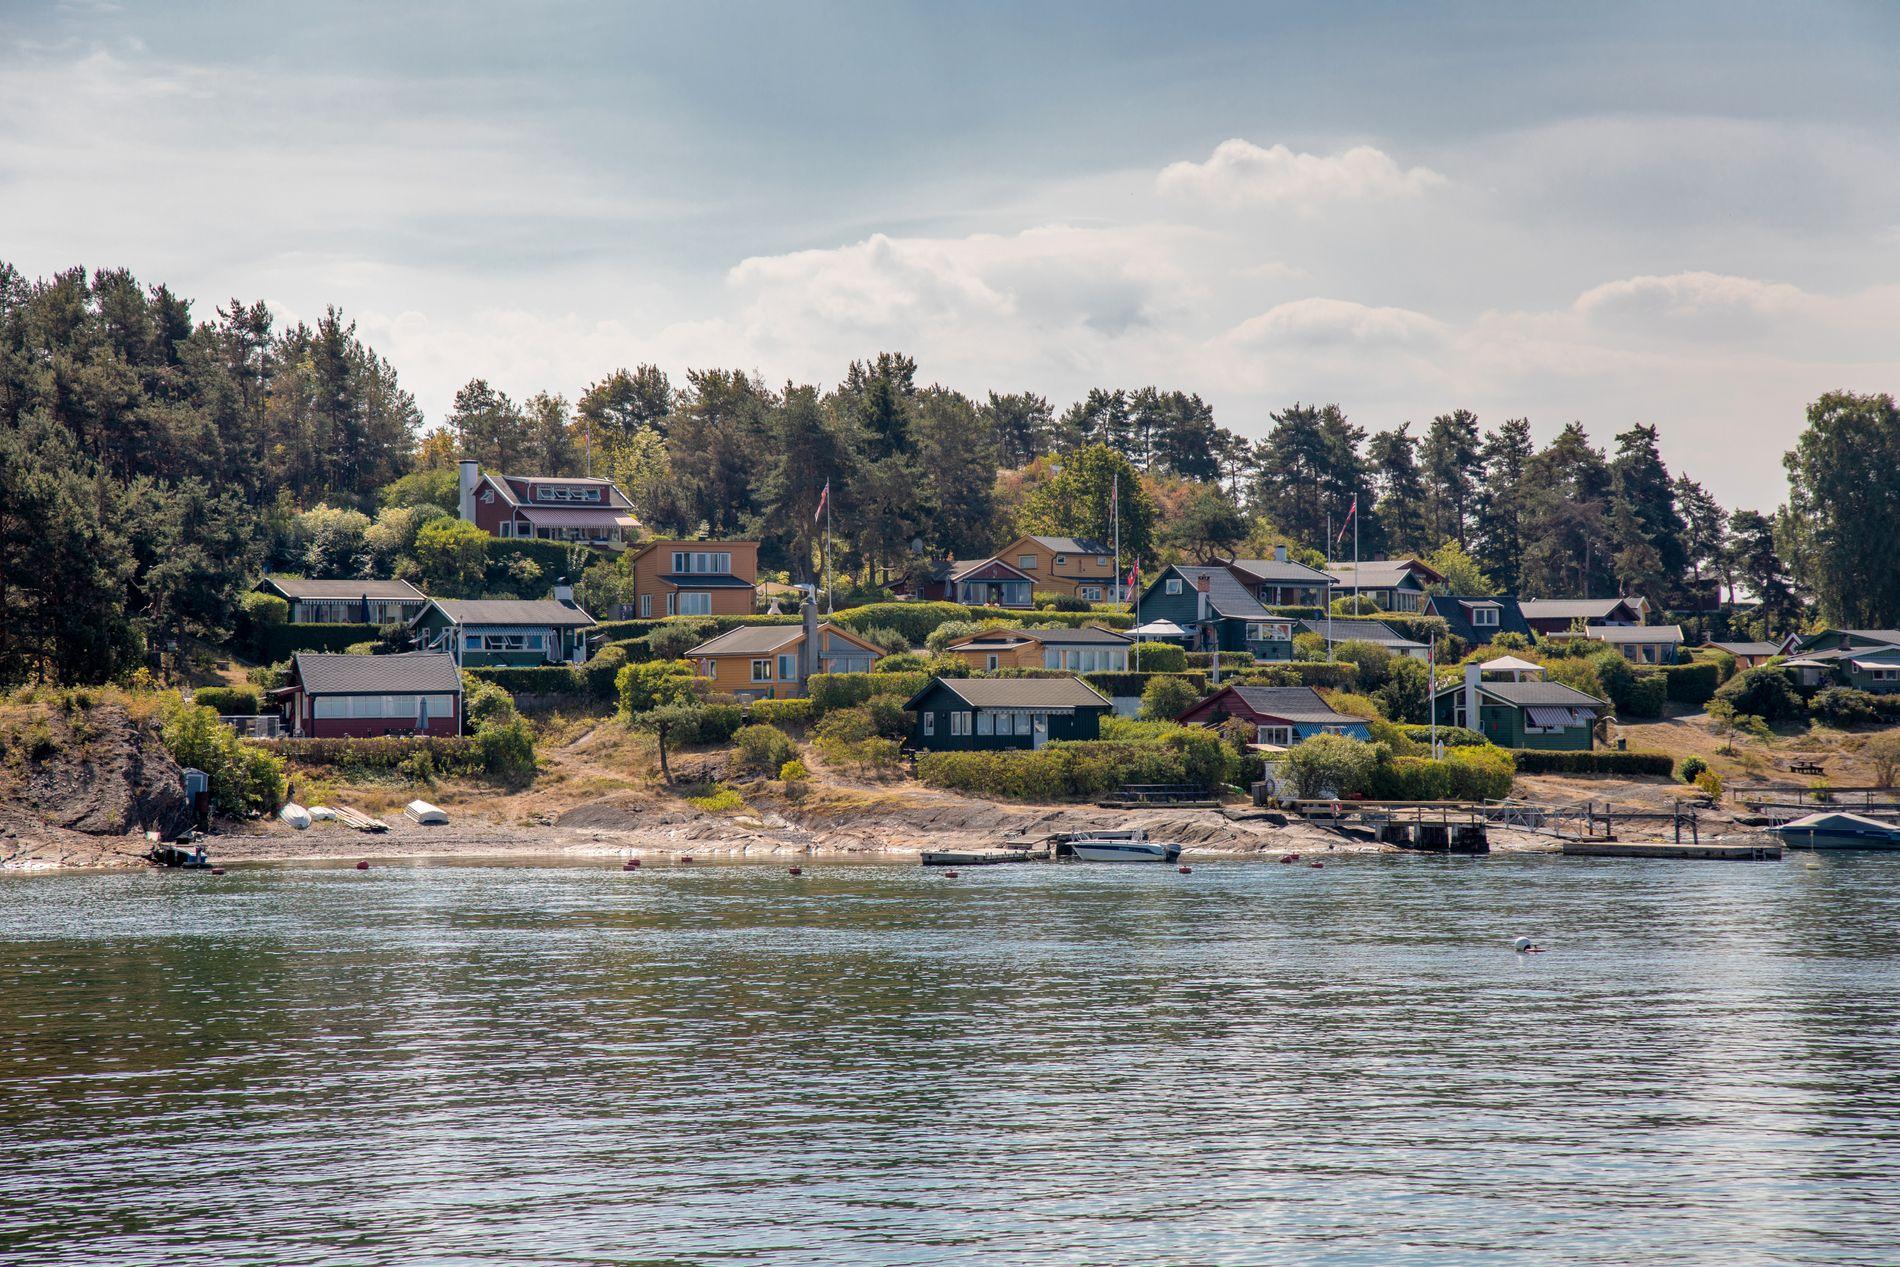 MEST POPULÆRT: Hyttene rundt Oslofjorden er populære blant tyvene. Høy tetthet av lett tilgjengelige hytter